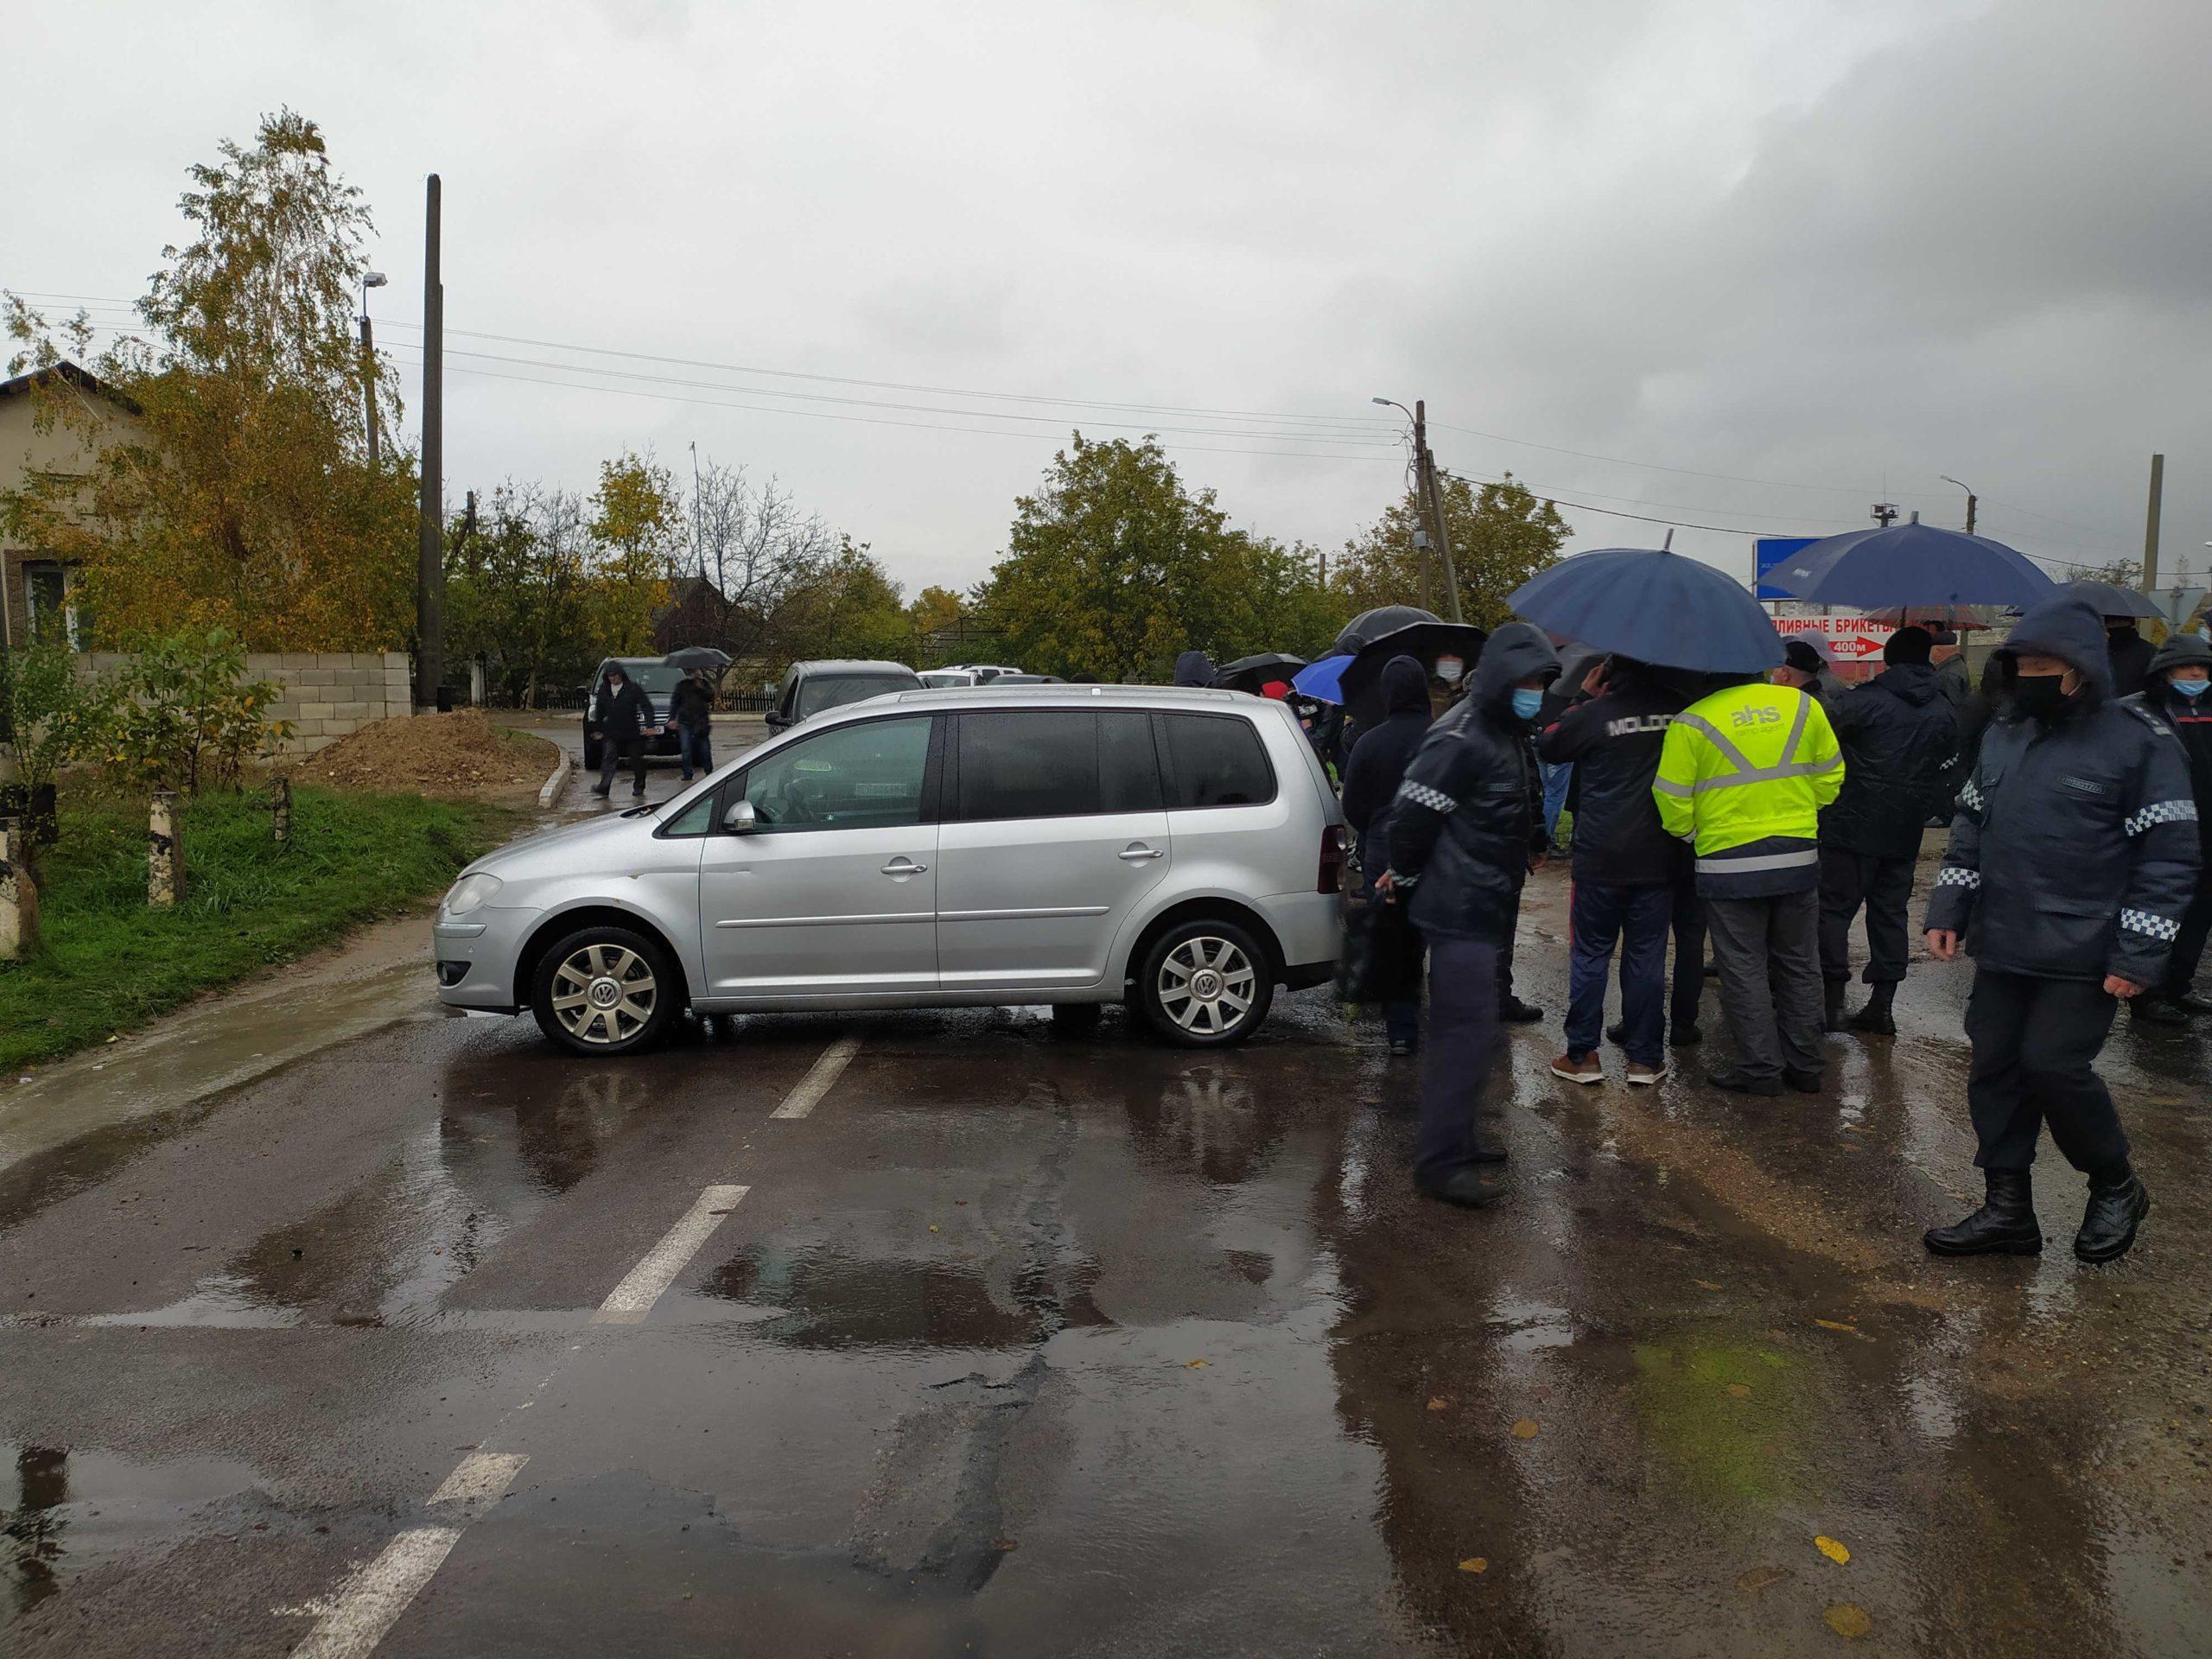 Spirite încinse la Varnița. Deputatul Igor Grosu a blocat circulația transportului cu mașina personală (LIVE NM)